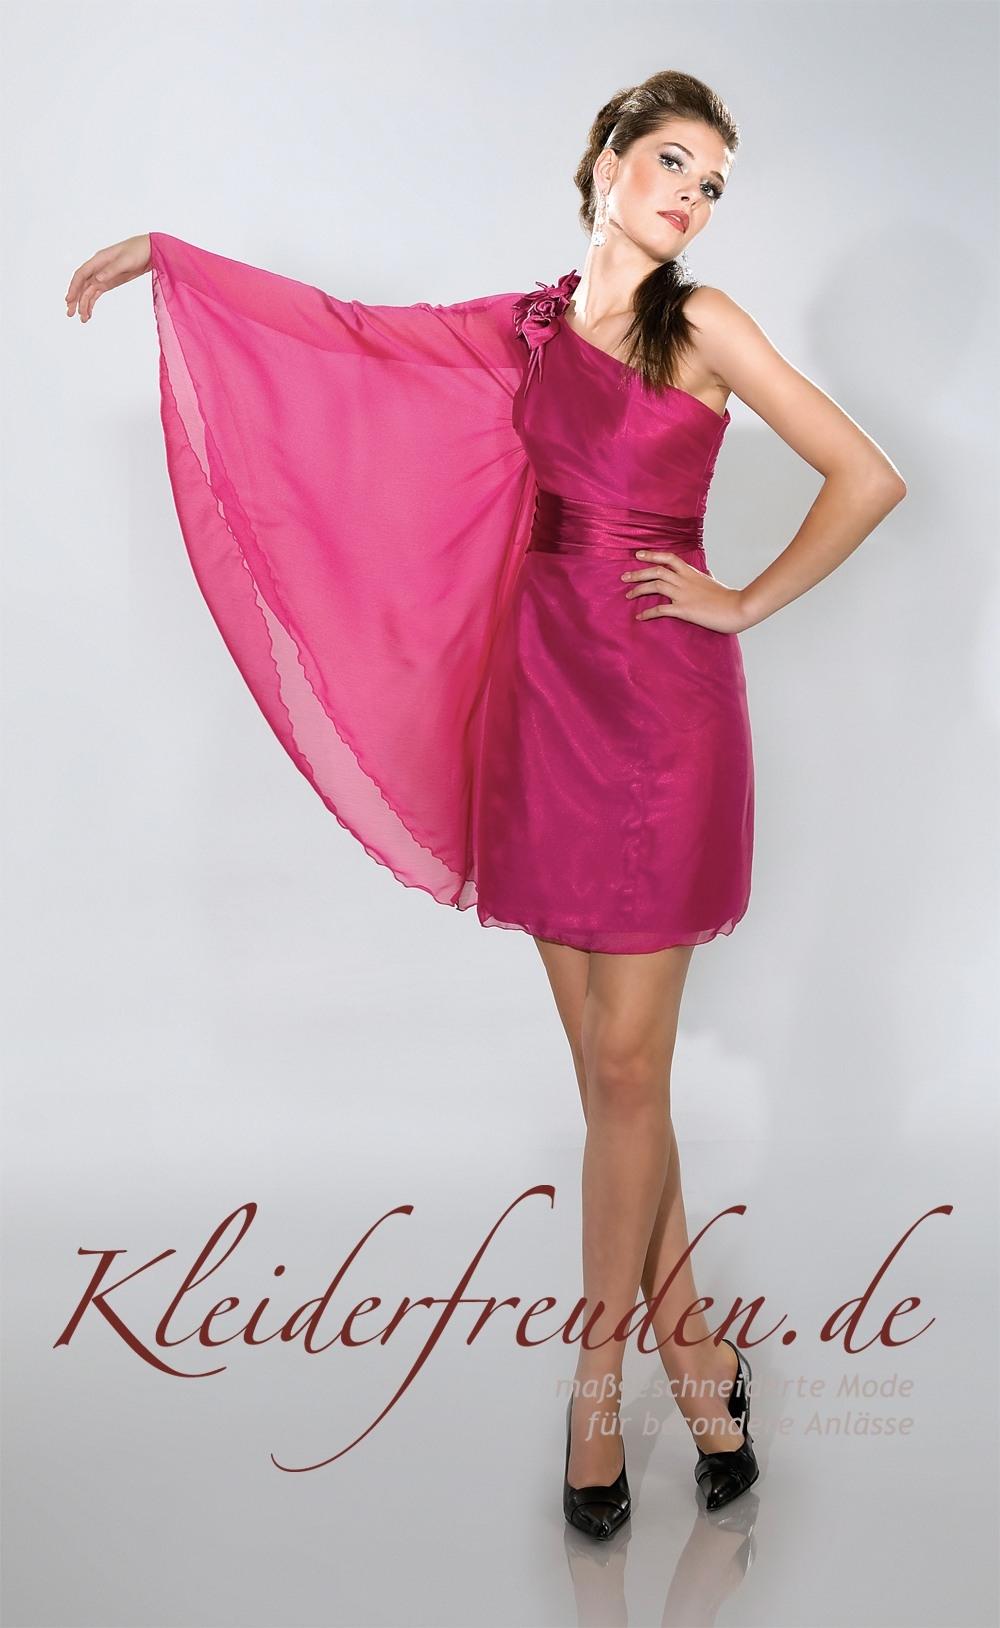 17 Schön Abendkleider Für Hochzeit Kurz VertriebDesigner Perfekt Abendkleider Für Hochzeit Kurz Spezialgebiet